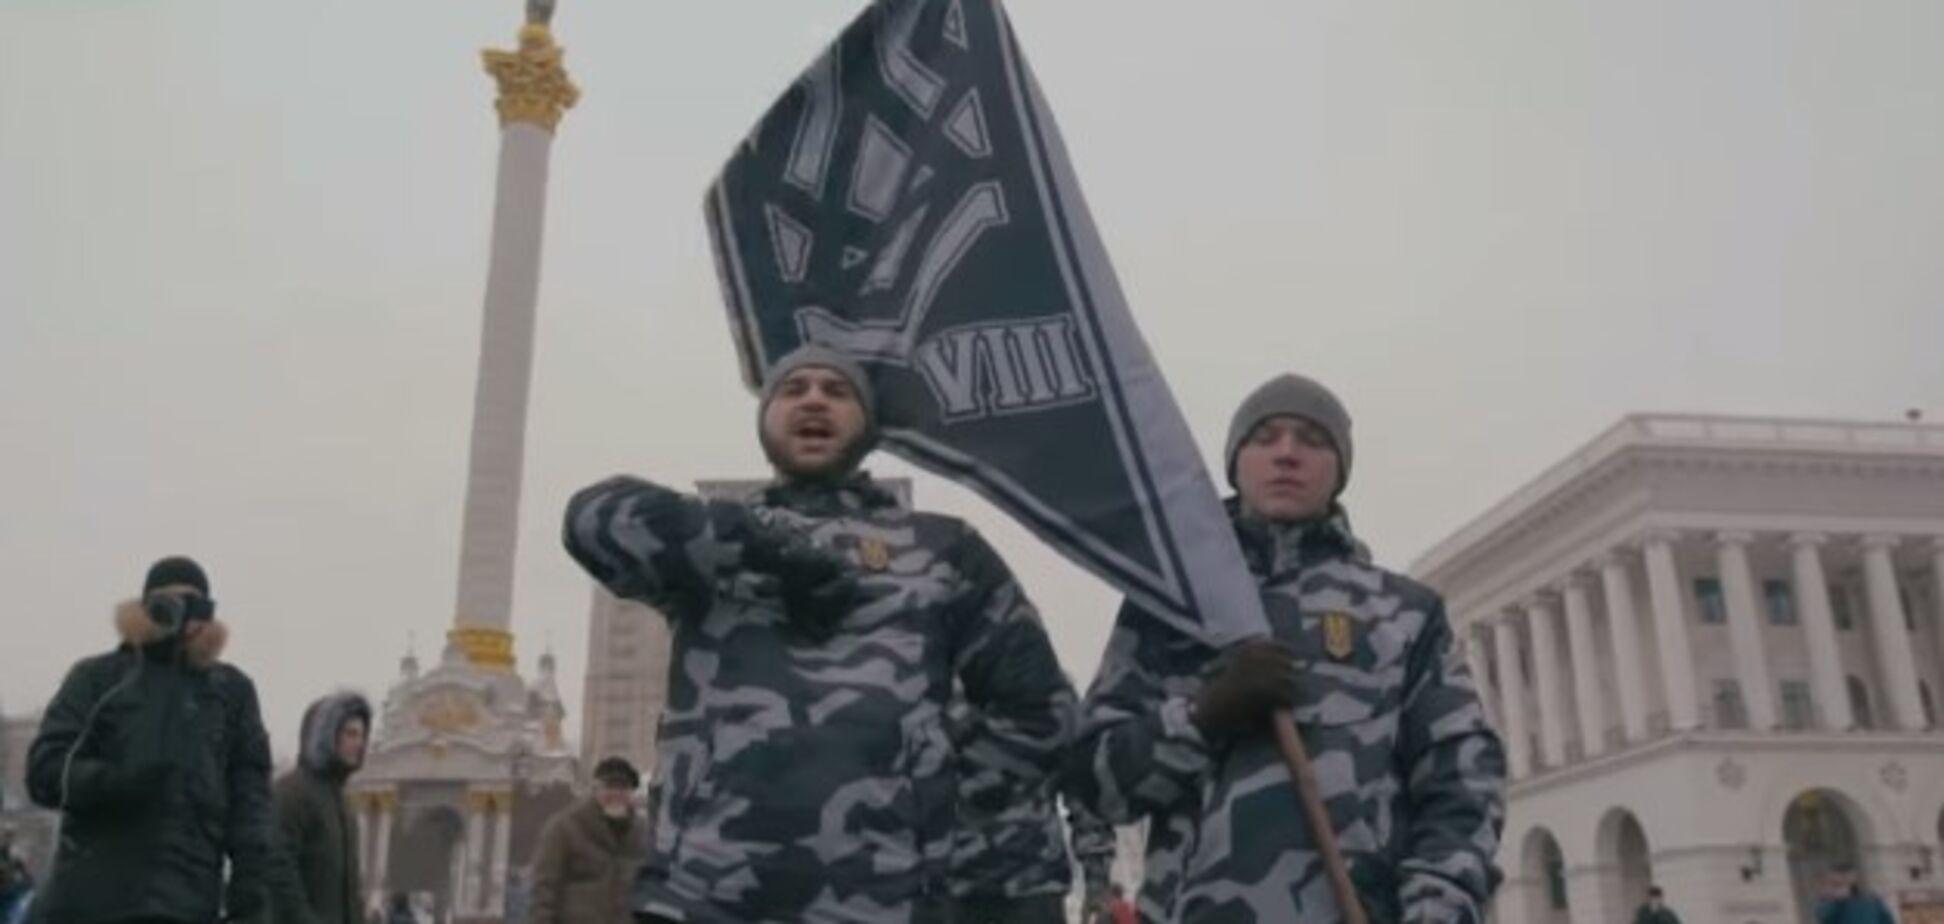 В Украине появились 'Национальные дружины': в МВД отреагировали